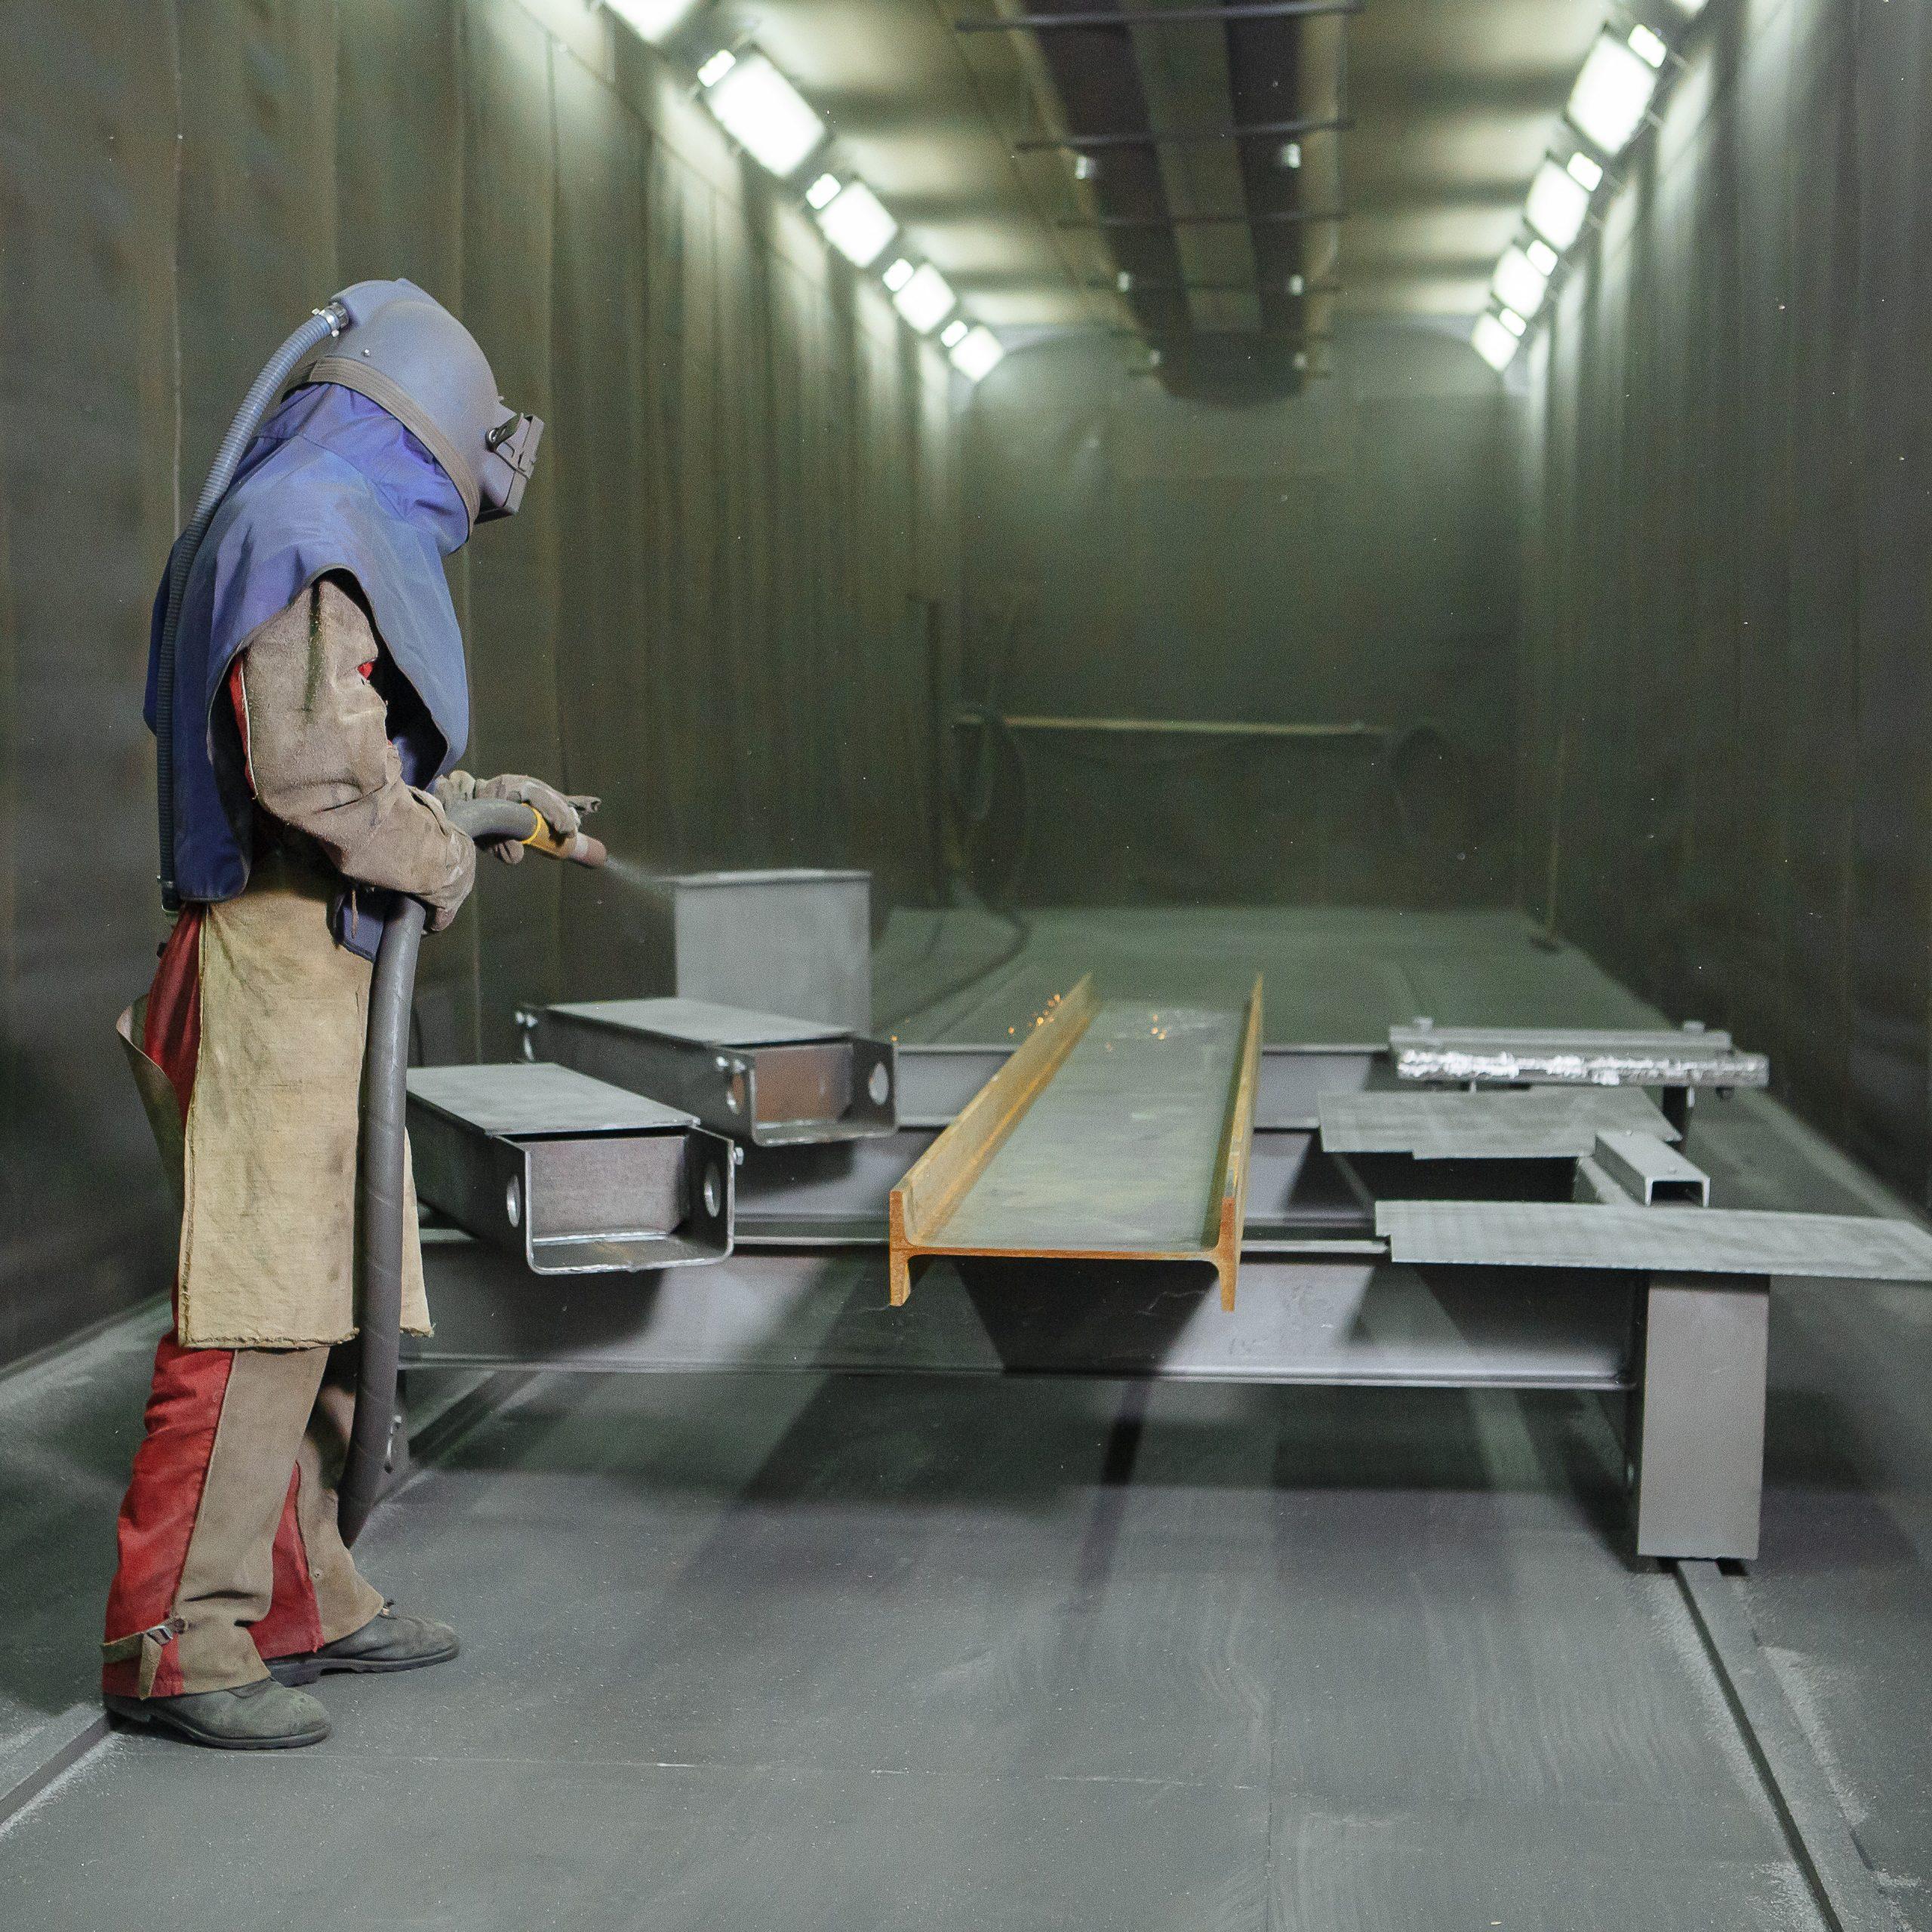 Ekstrakcja kabiny oczyszczeniem a blasterami